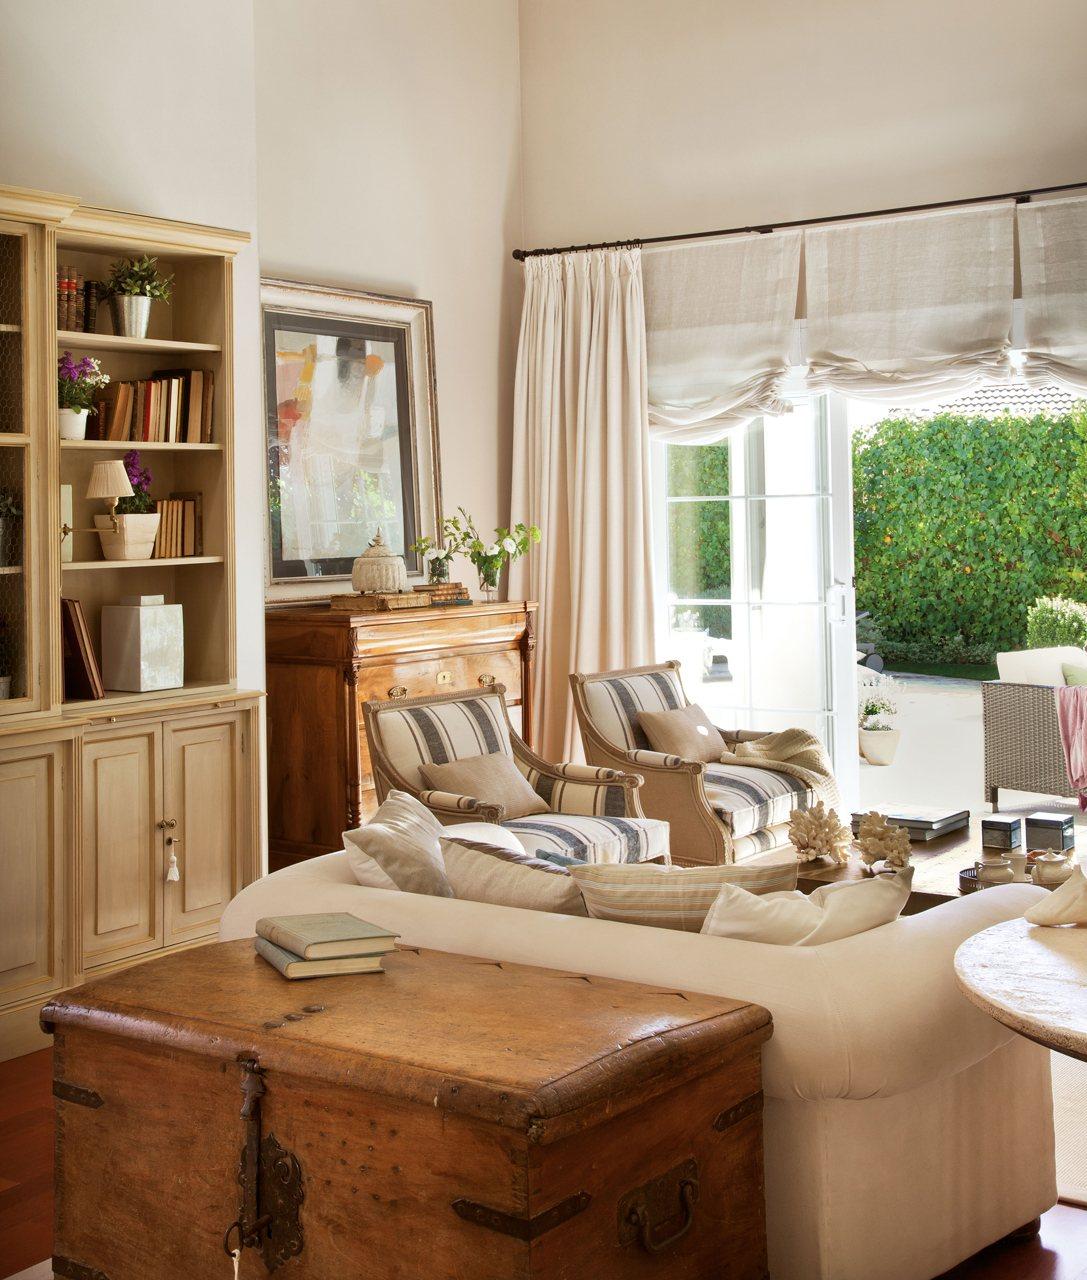 Ver Muebles Sala Muebles Salon Online Quiero Ver Comprar Baratos  # Muebles Tihuatlan Ver Fotos